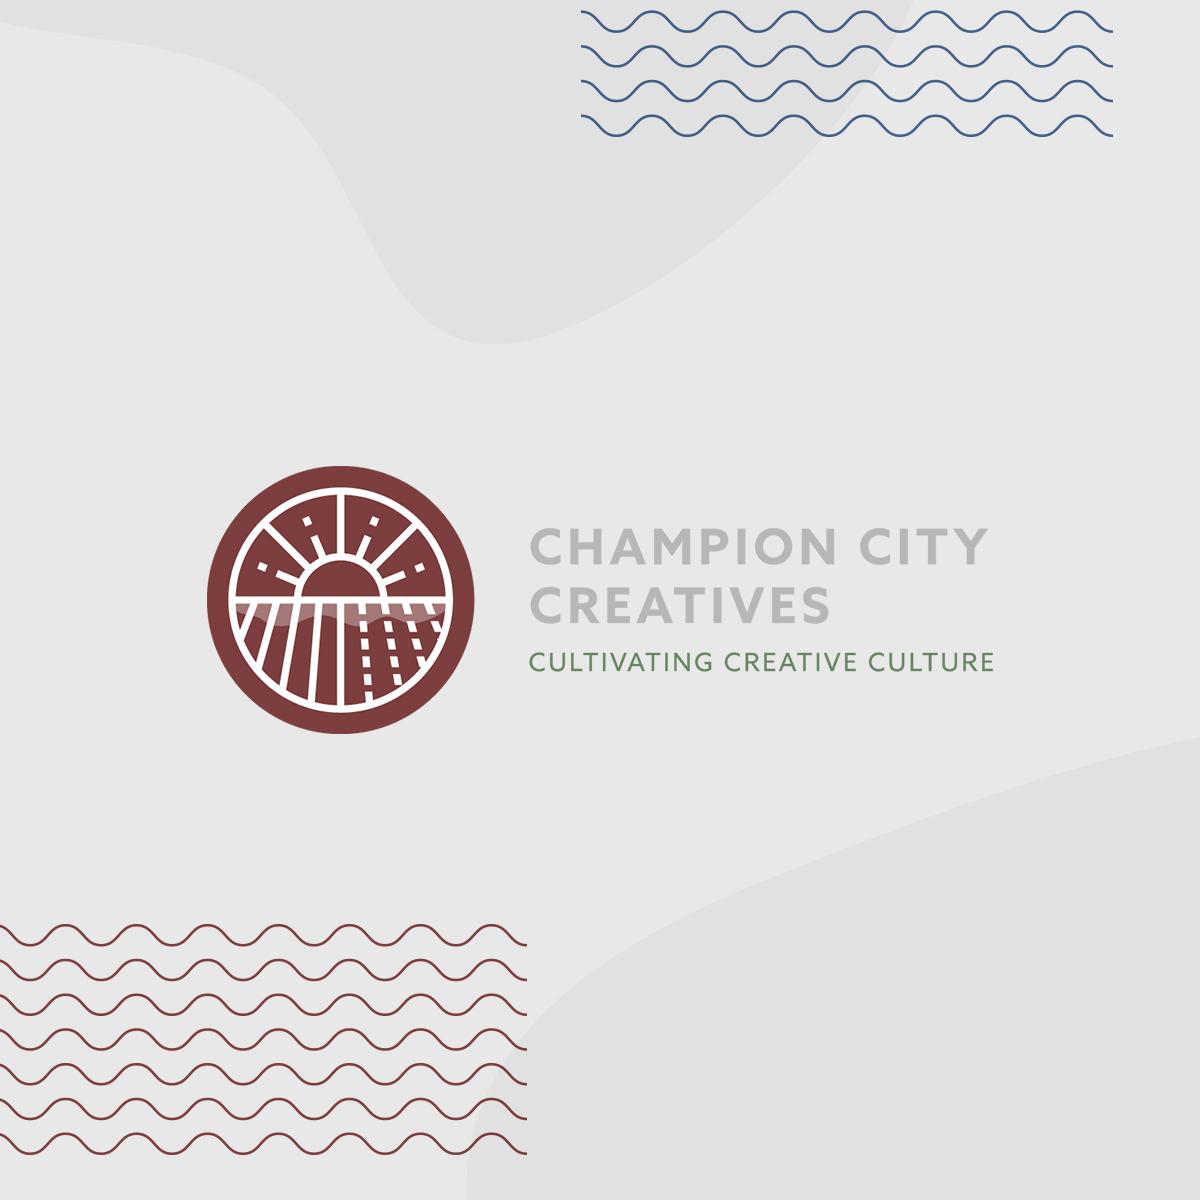 Champion-City-Creatives-Secondary-Logo.jpg